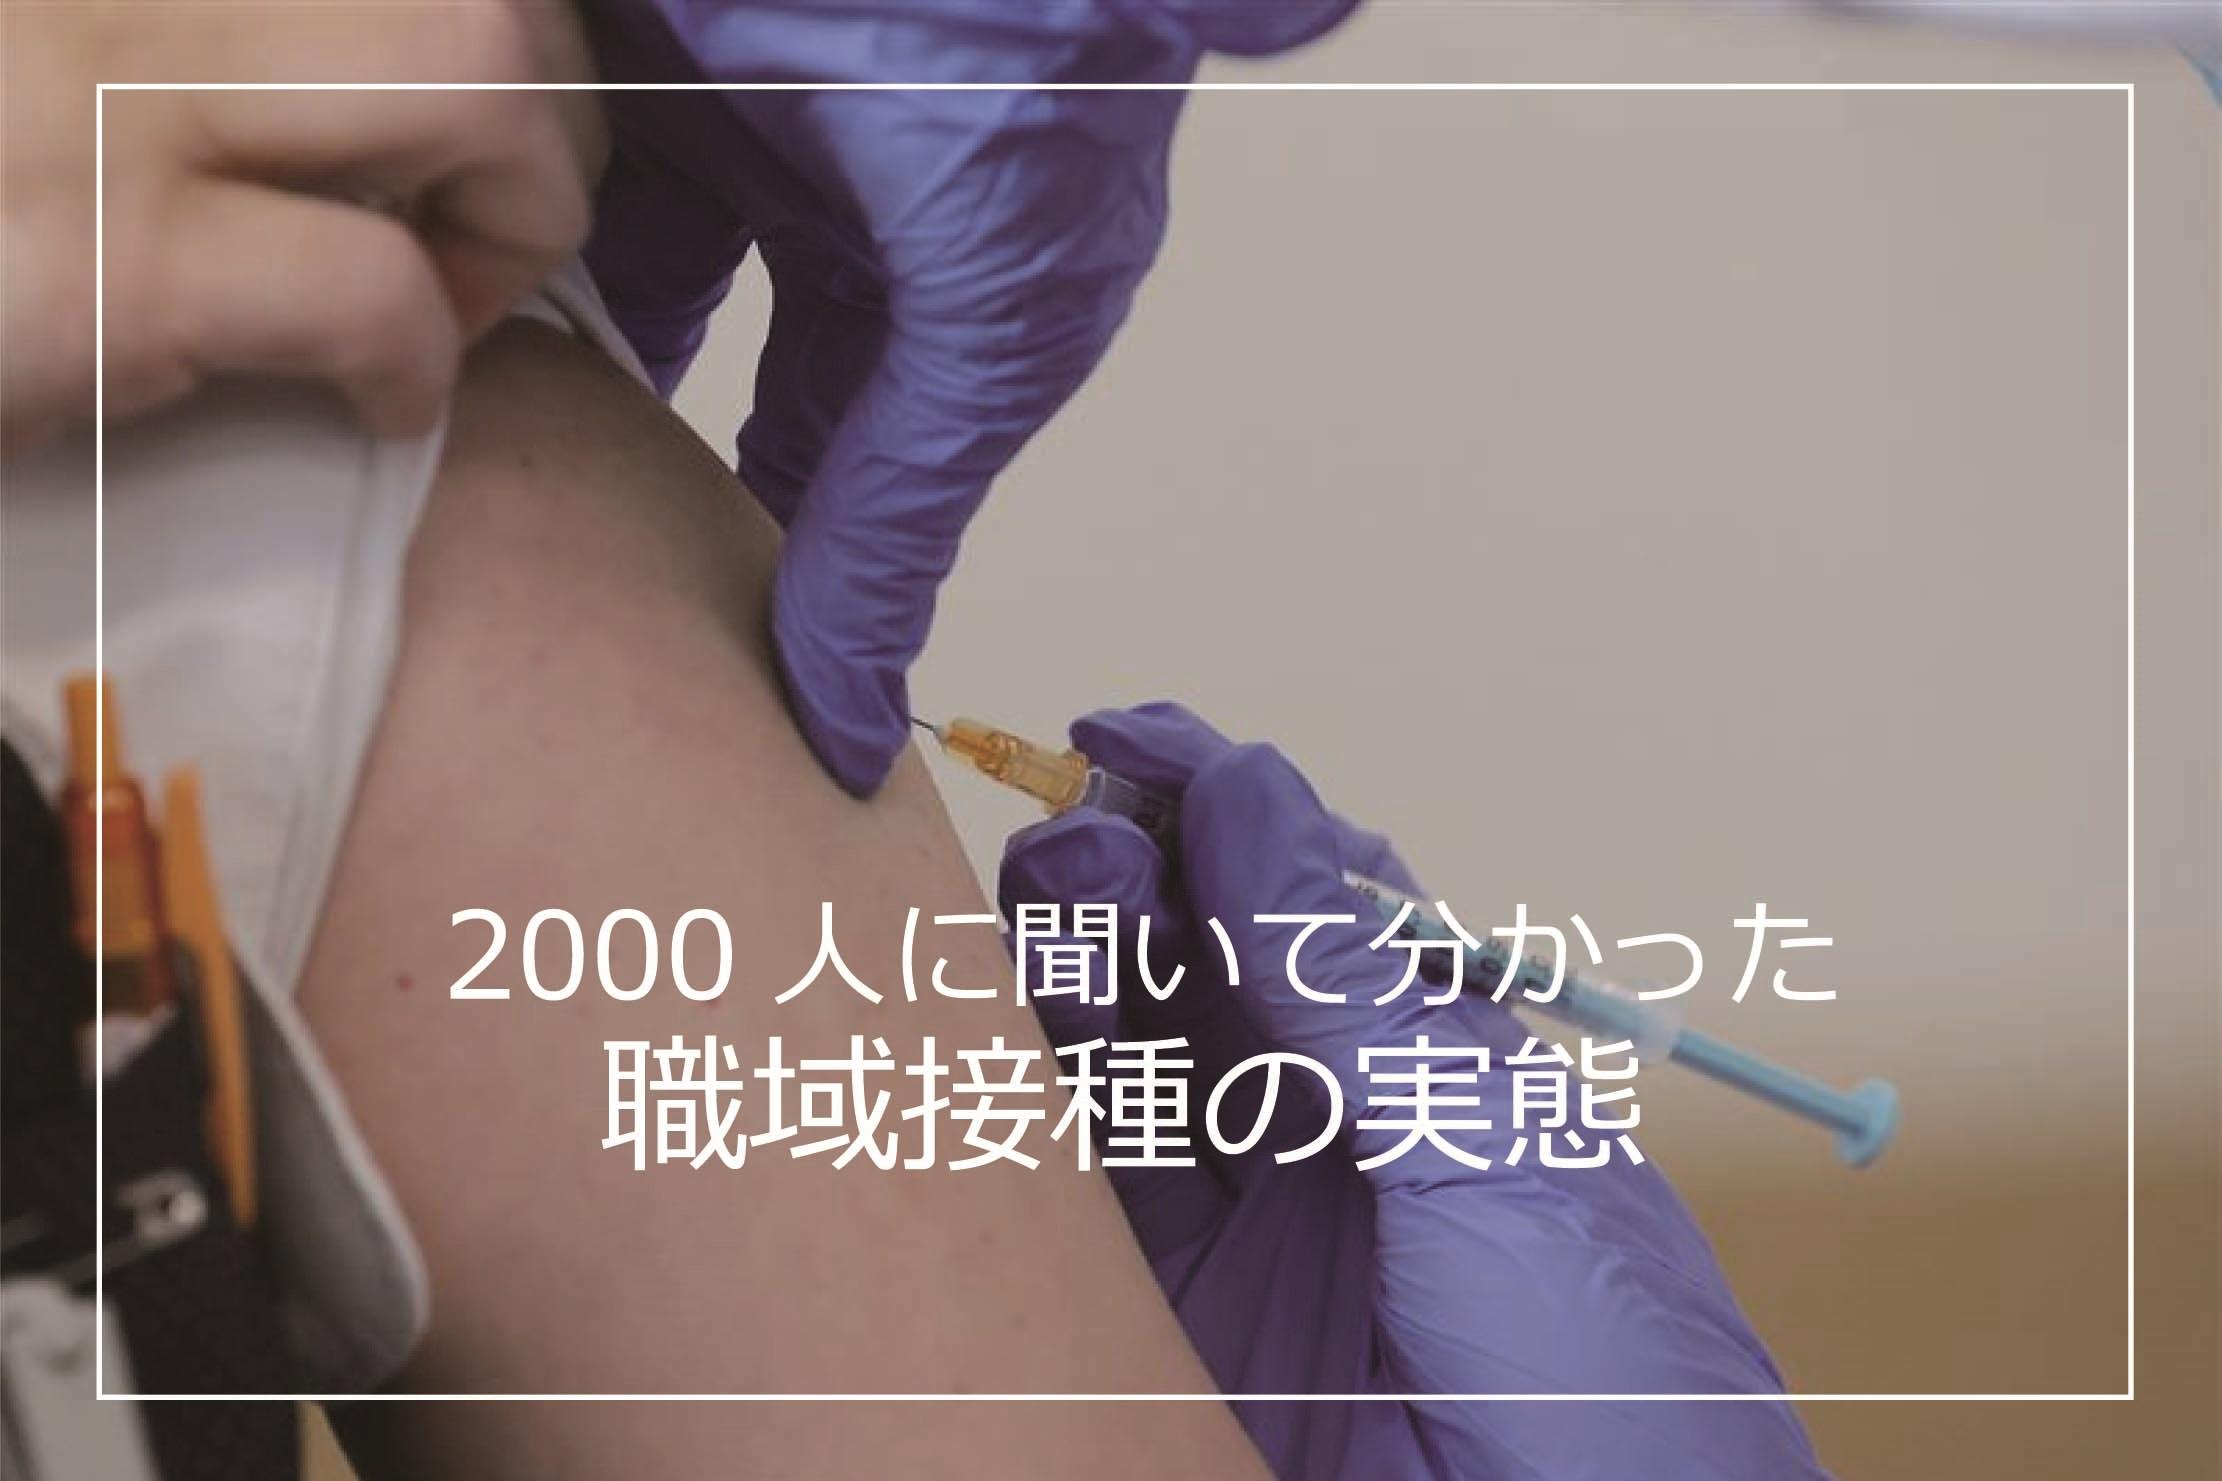 職域接種2,000人独自調査「予約でサーバーダウン」「同調圧力止めて」「渋谷の行列よりマシ」職場のホンネ